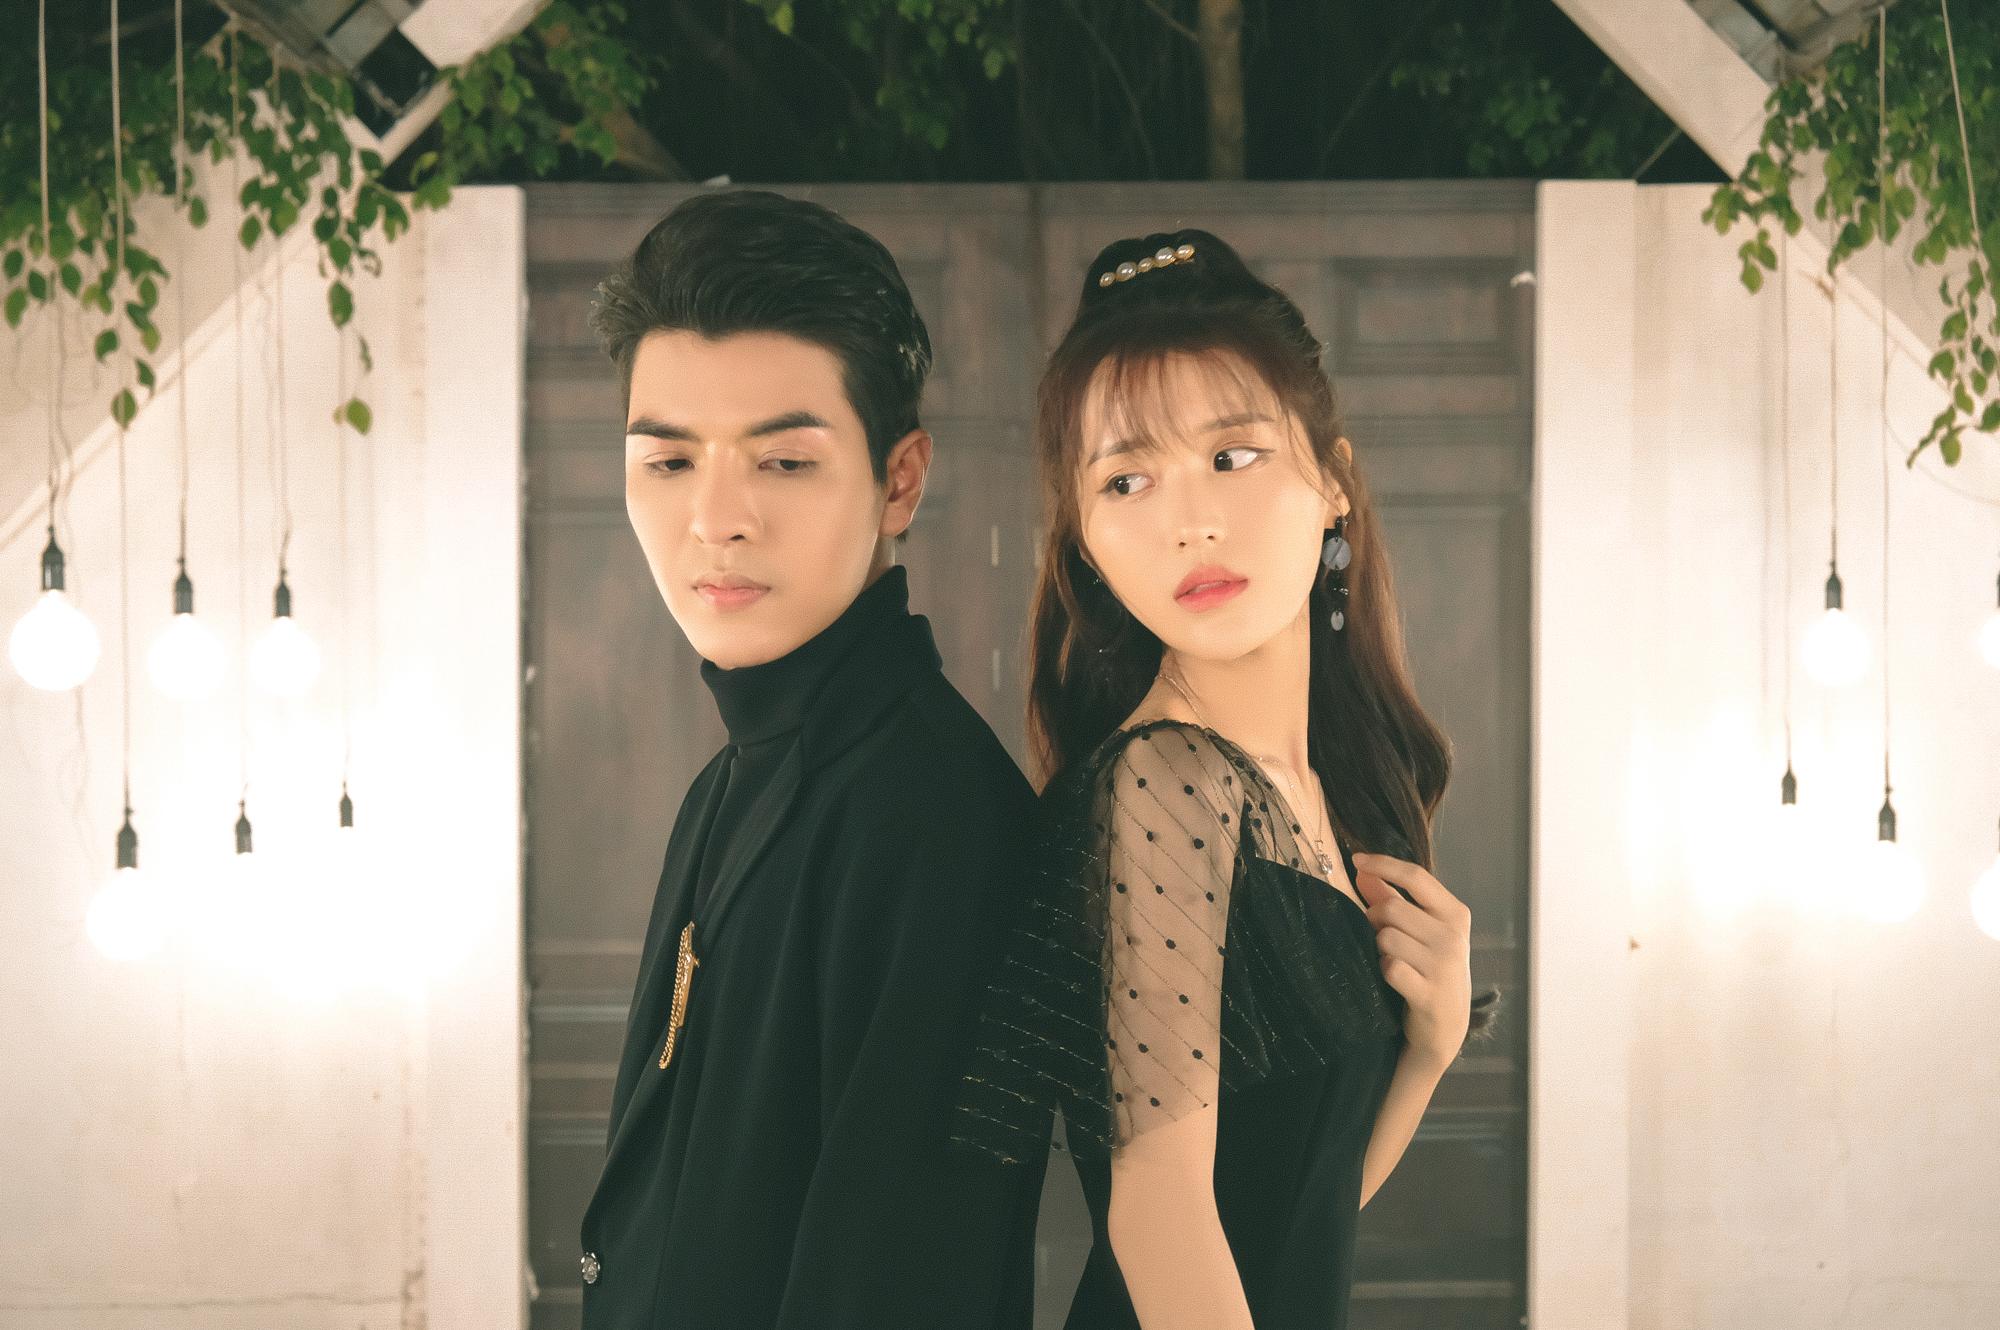 Đỗ Hiếu tình tứ cùng đàn em Han Sara trong sản phẩm âm nhạc đầu tay đi hát